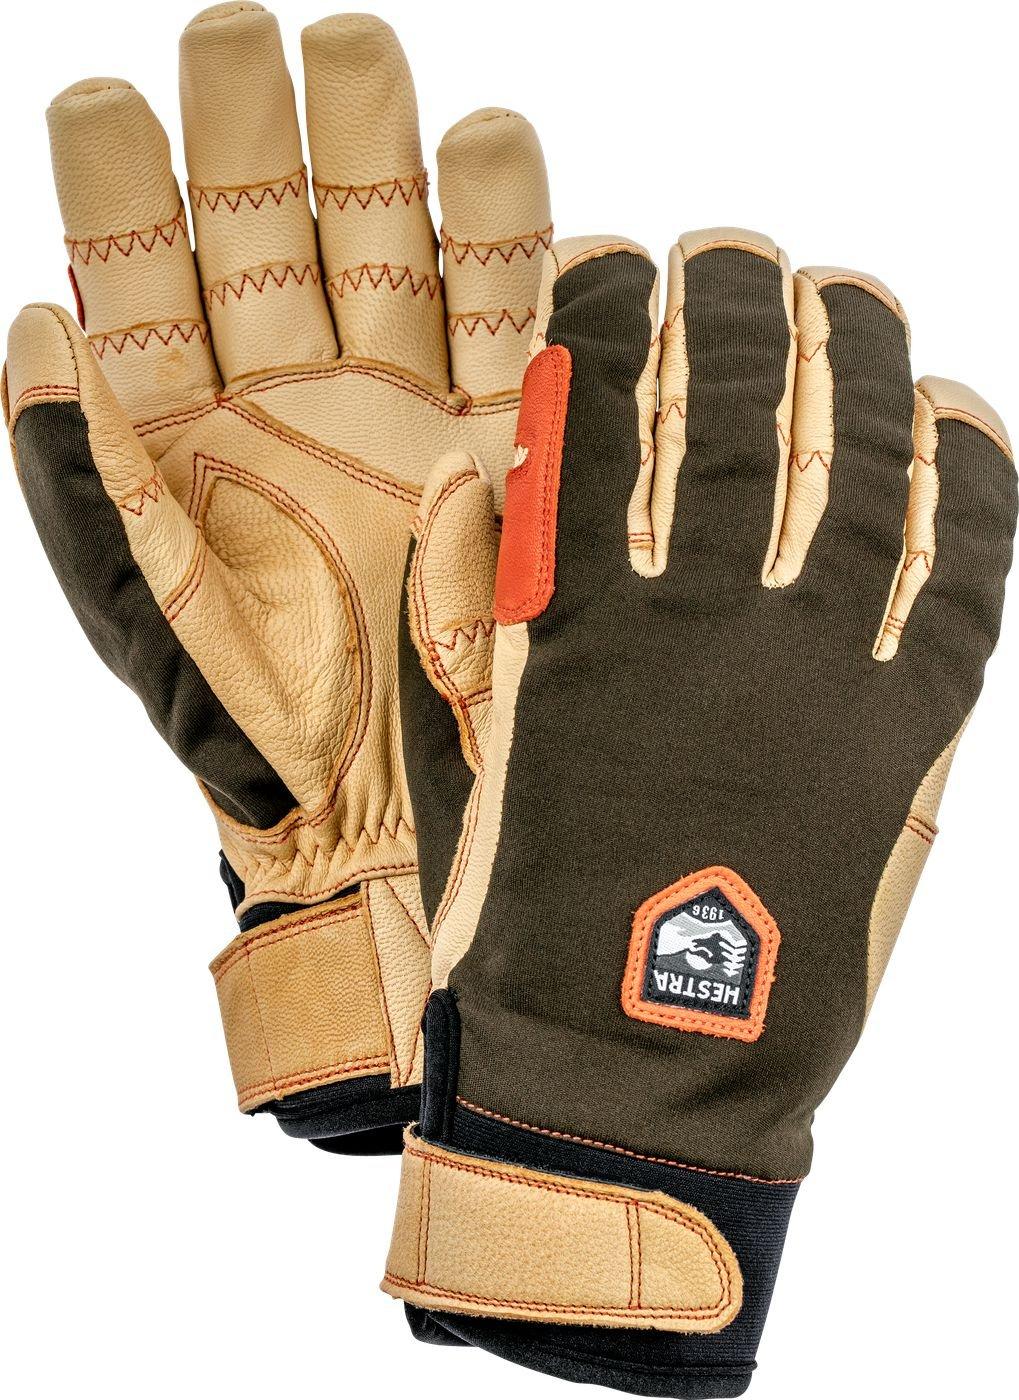 Hestra Outdoor Work Gloves: Ergo Grip Riding Cold Weather Gloves, Dark Forest/Natural Brown, 10